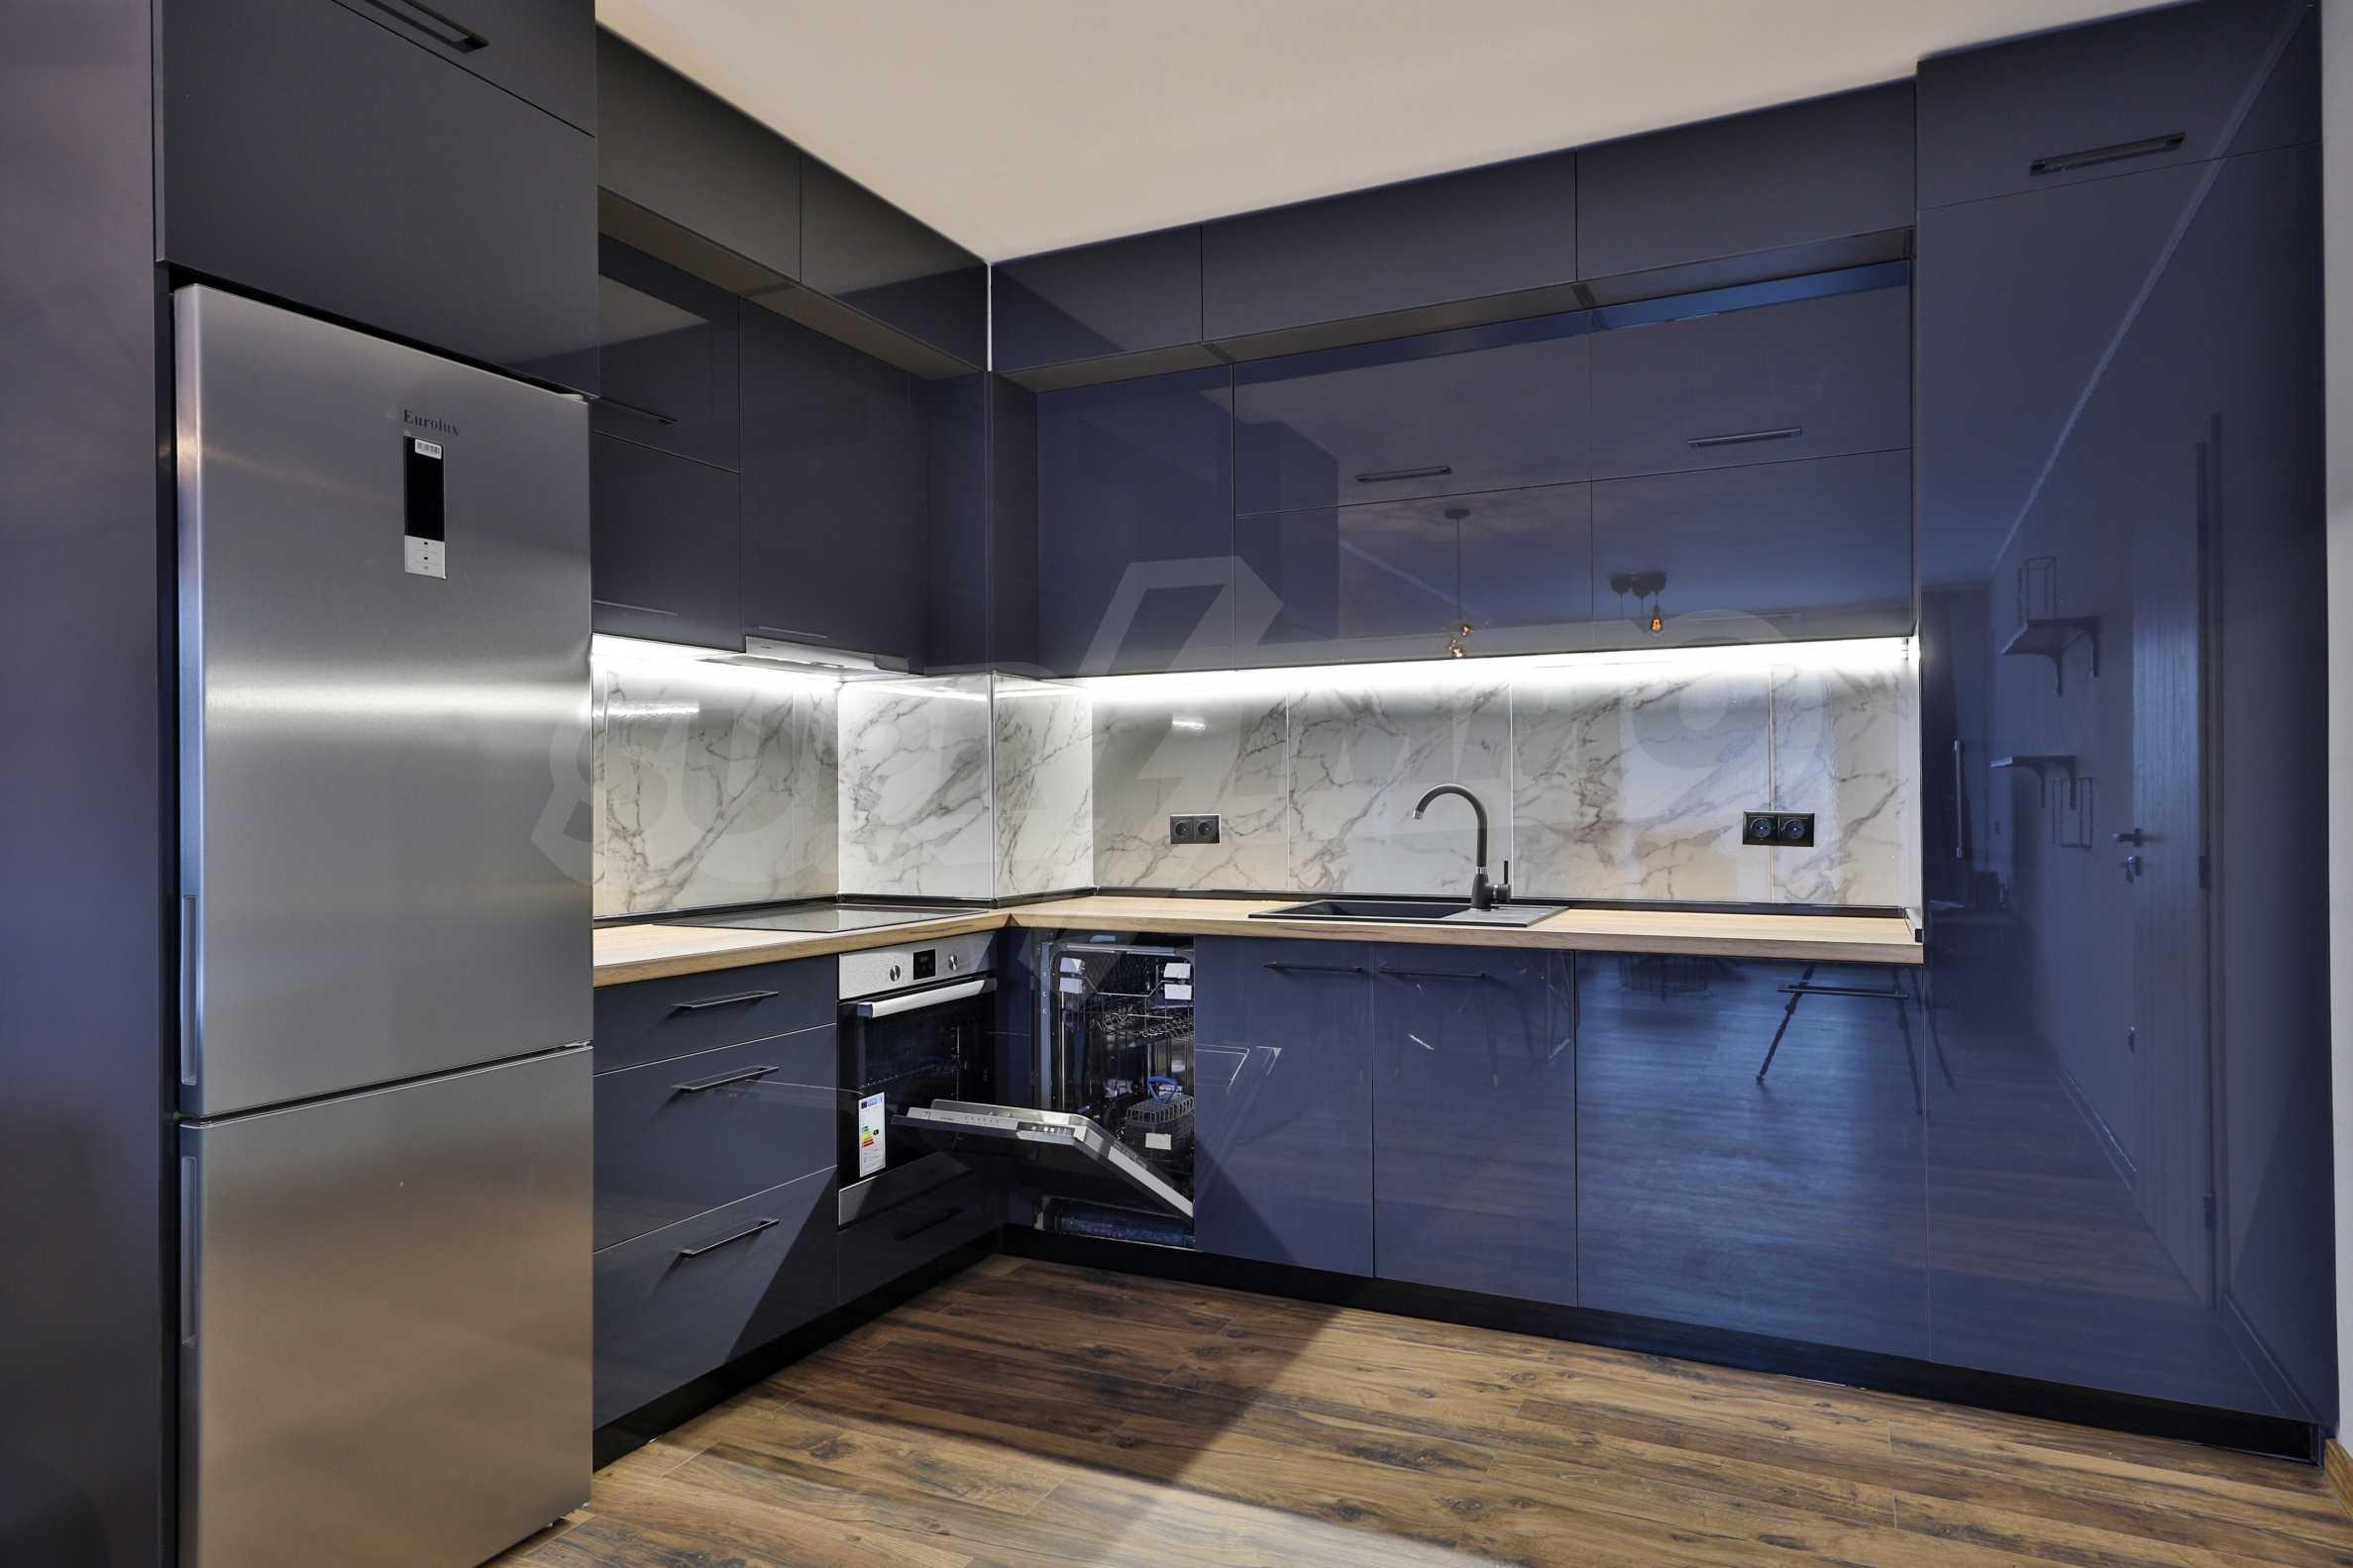 Нов, дизайнерски обзаведен двустаен апартамент с гараж в Центъра до метростанция и парк 8